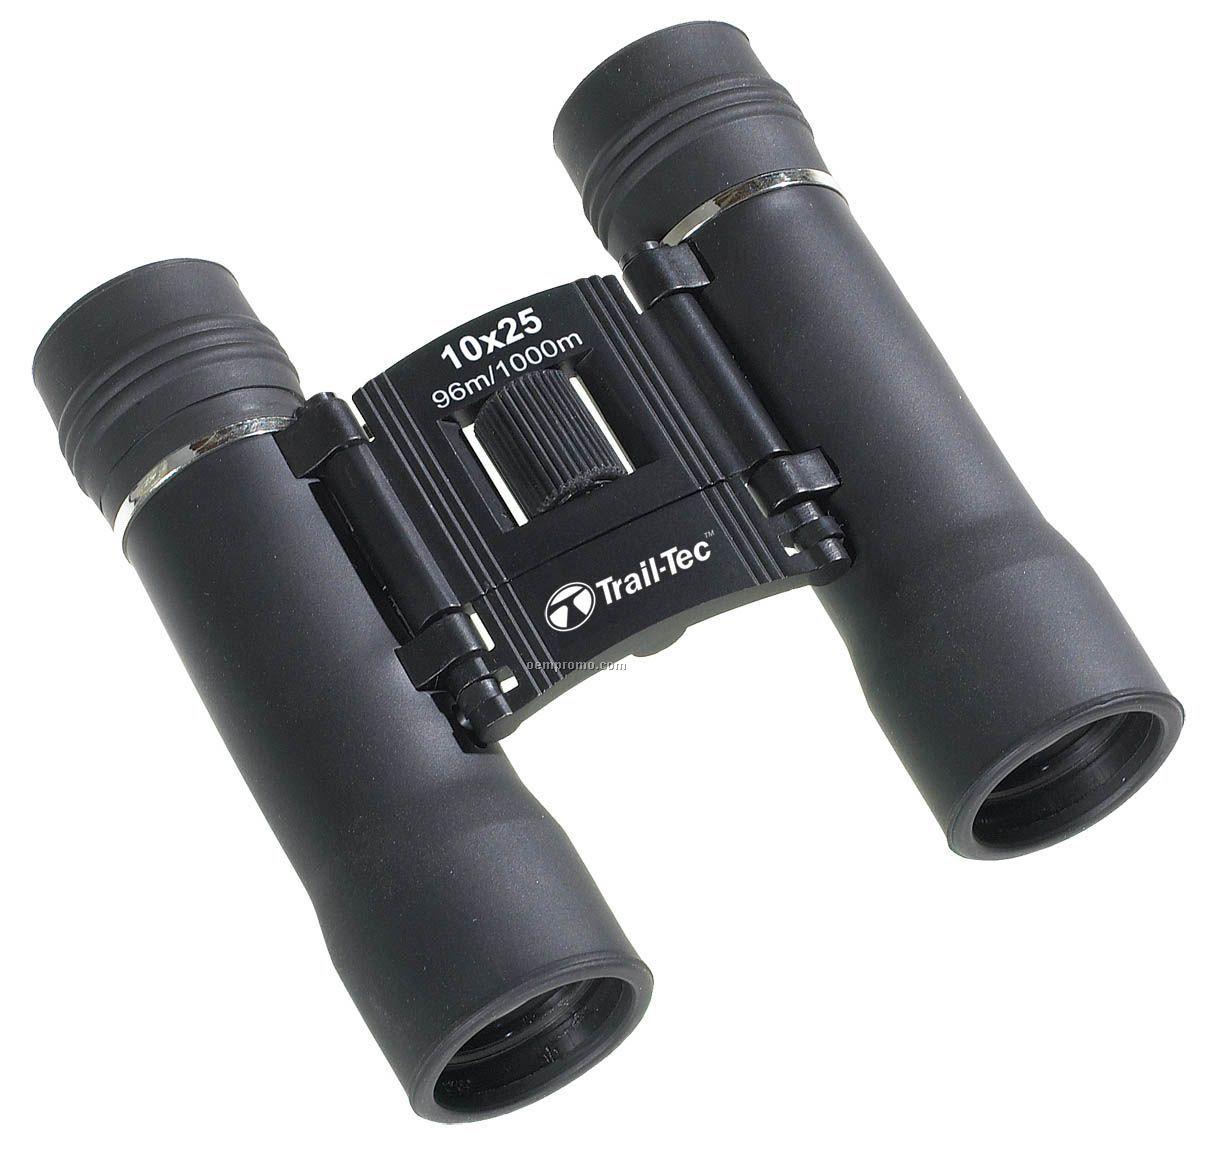 Trail-tec 10x25 Binoculars